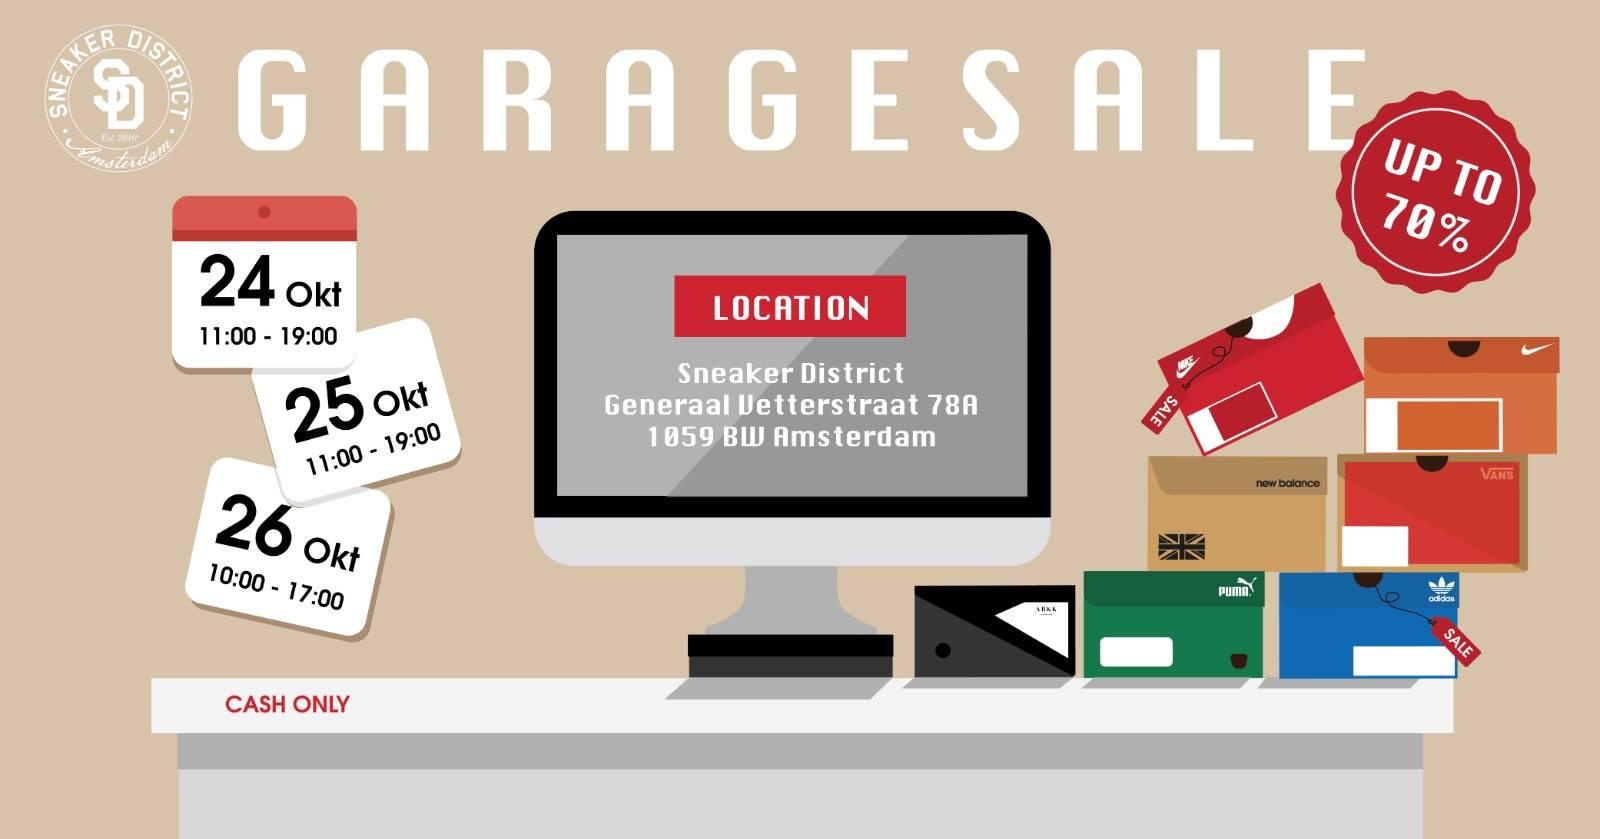 garage sale sneaker district korting tot 70% (lokaal)